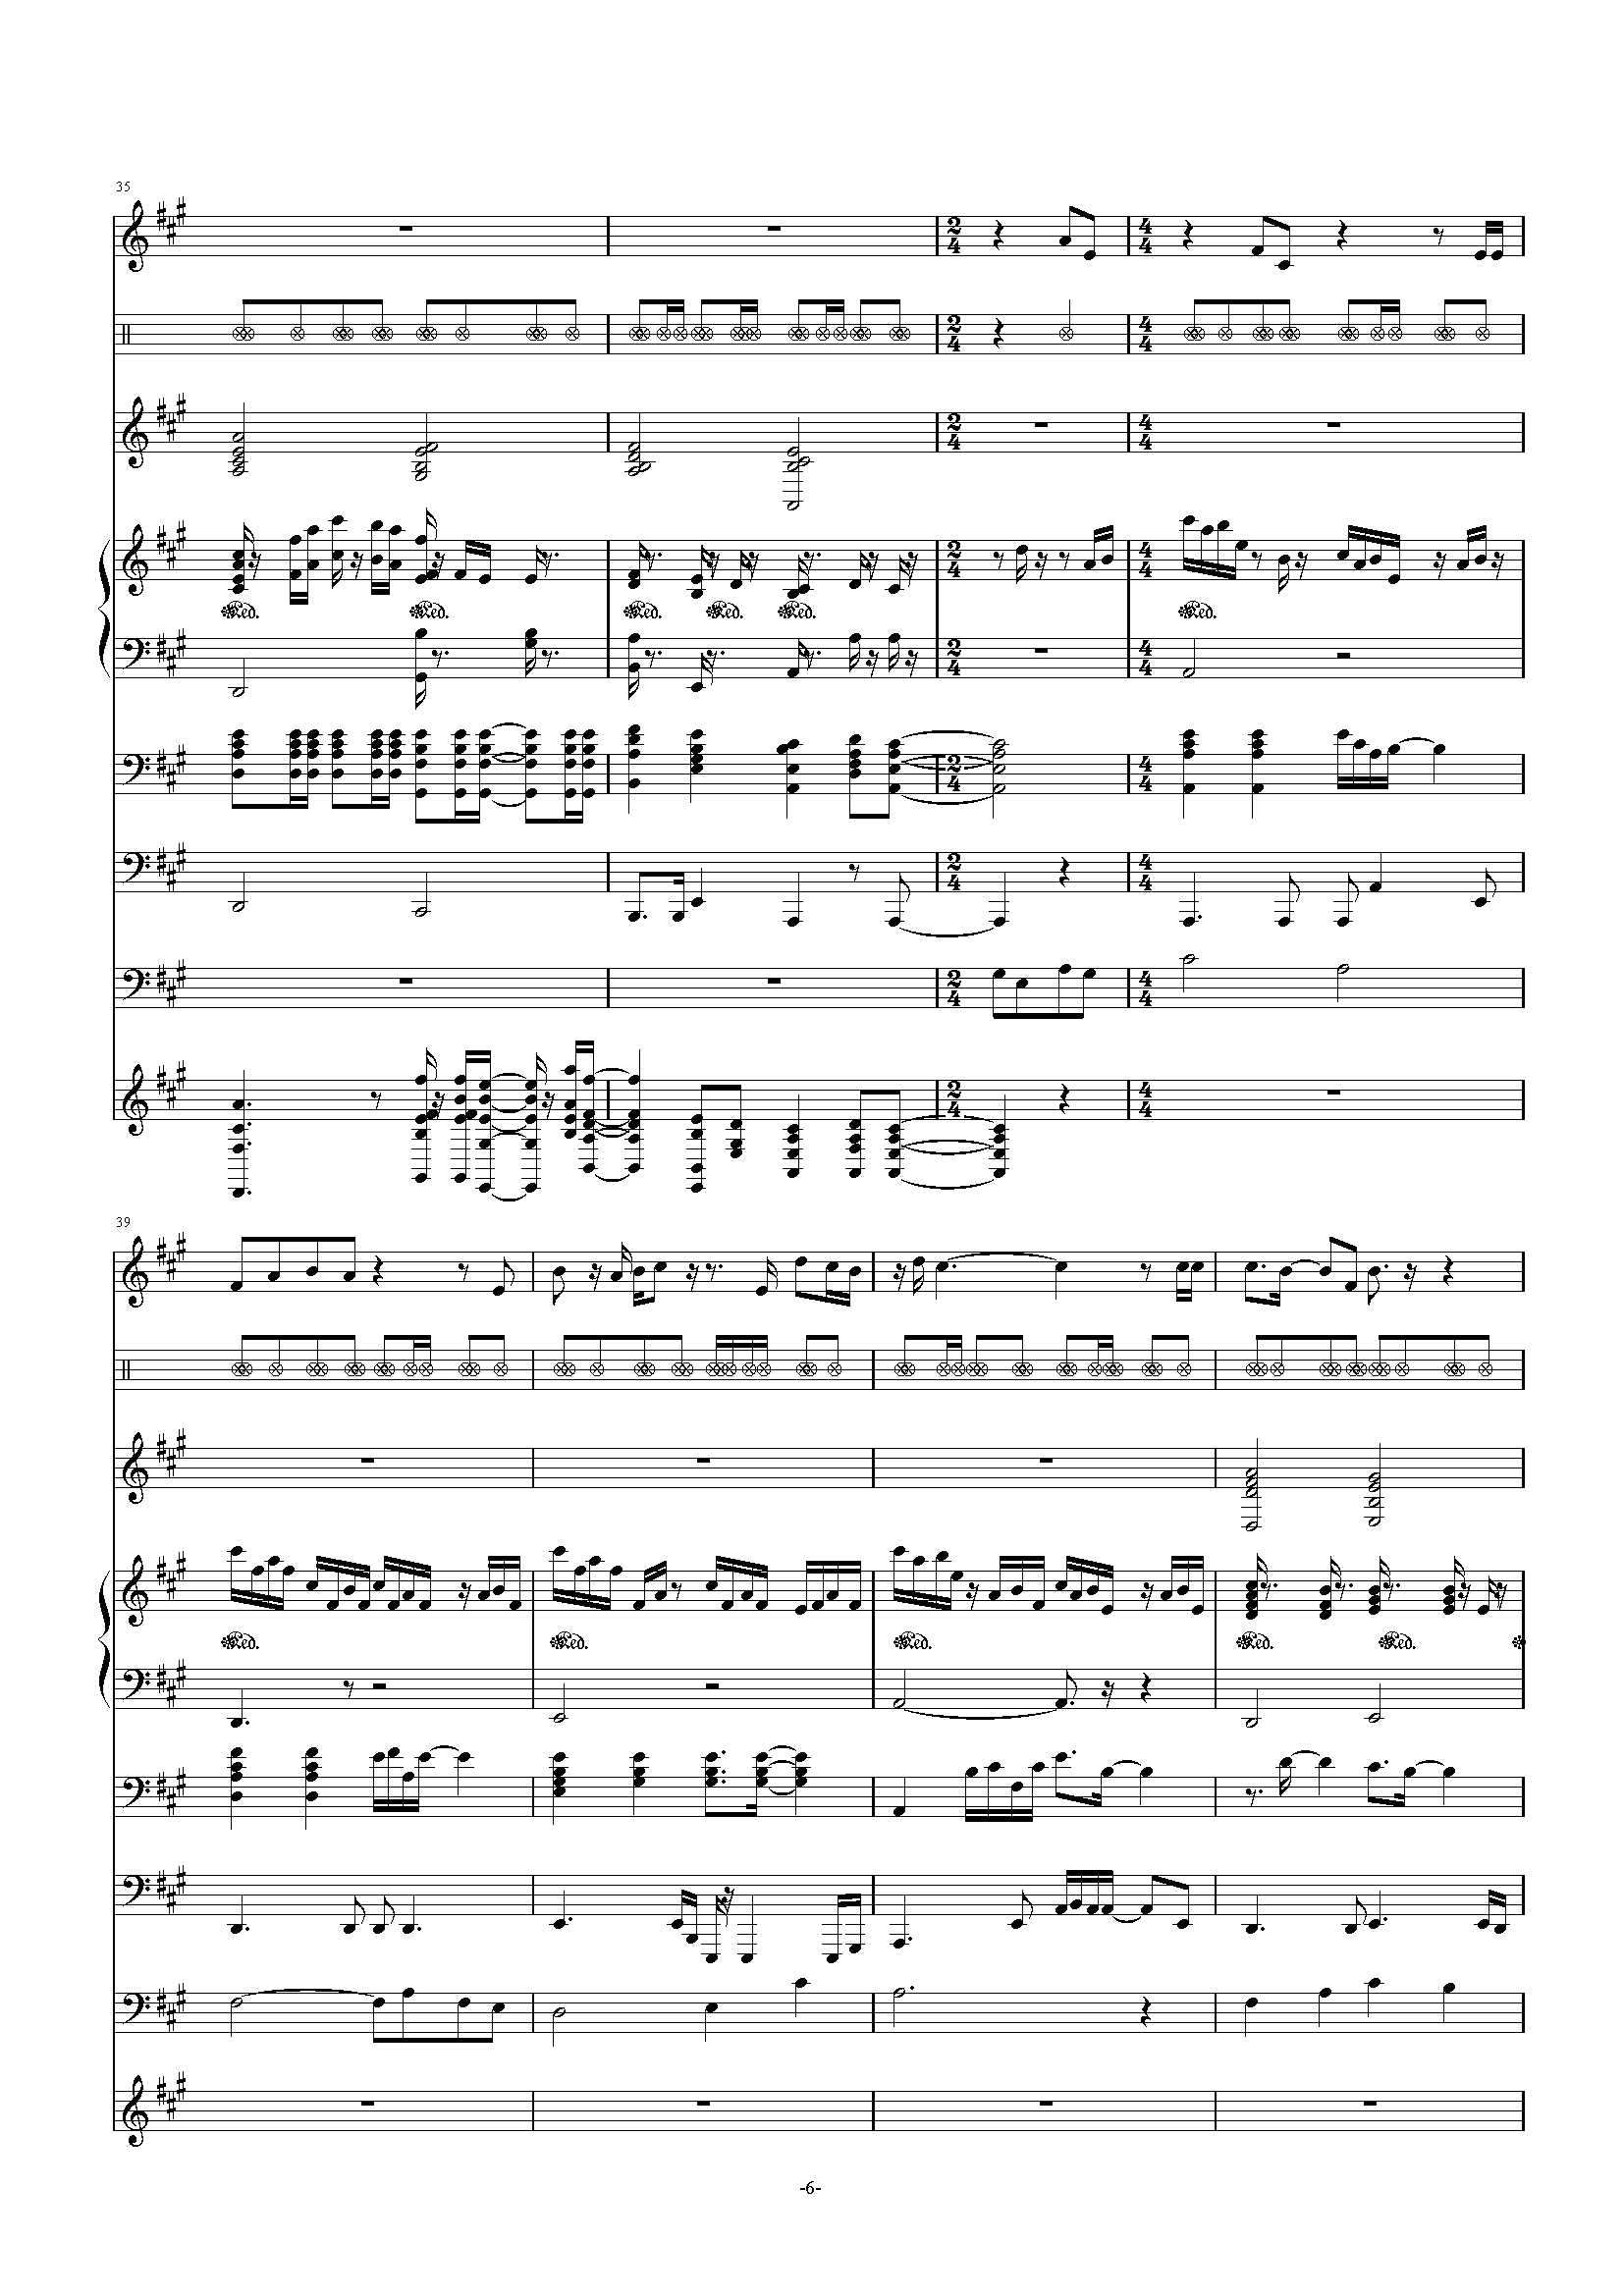 残酷月光钢琴谱 第6页